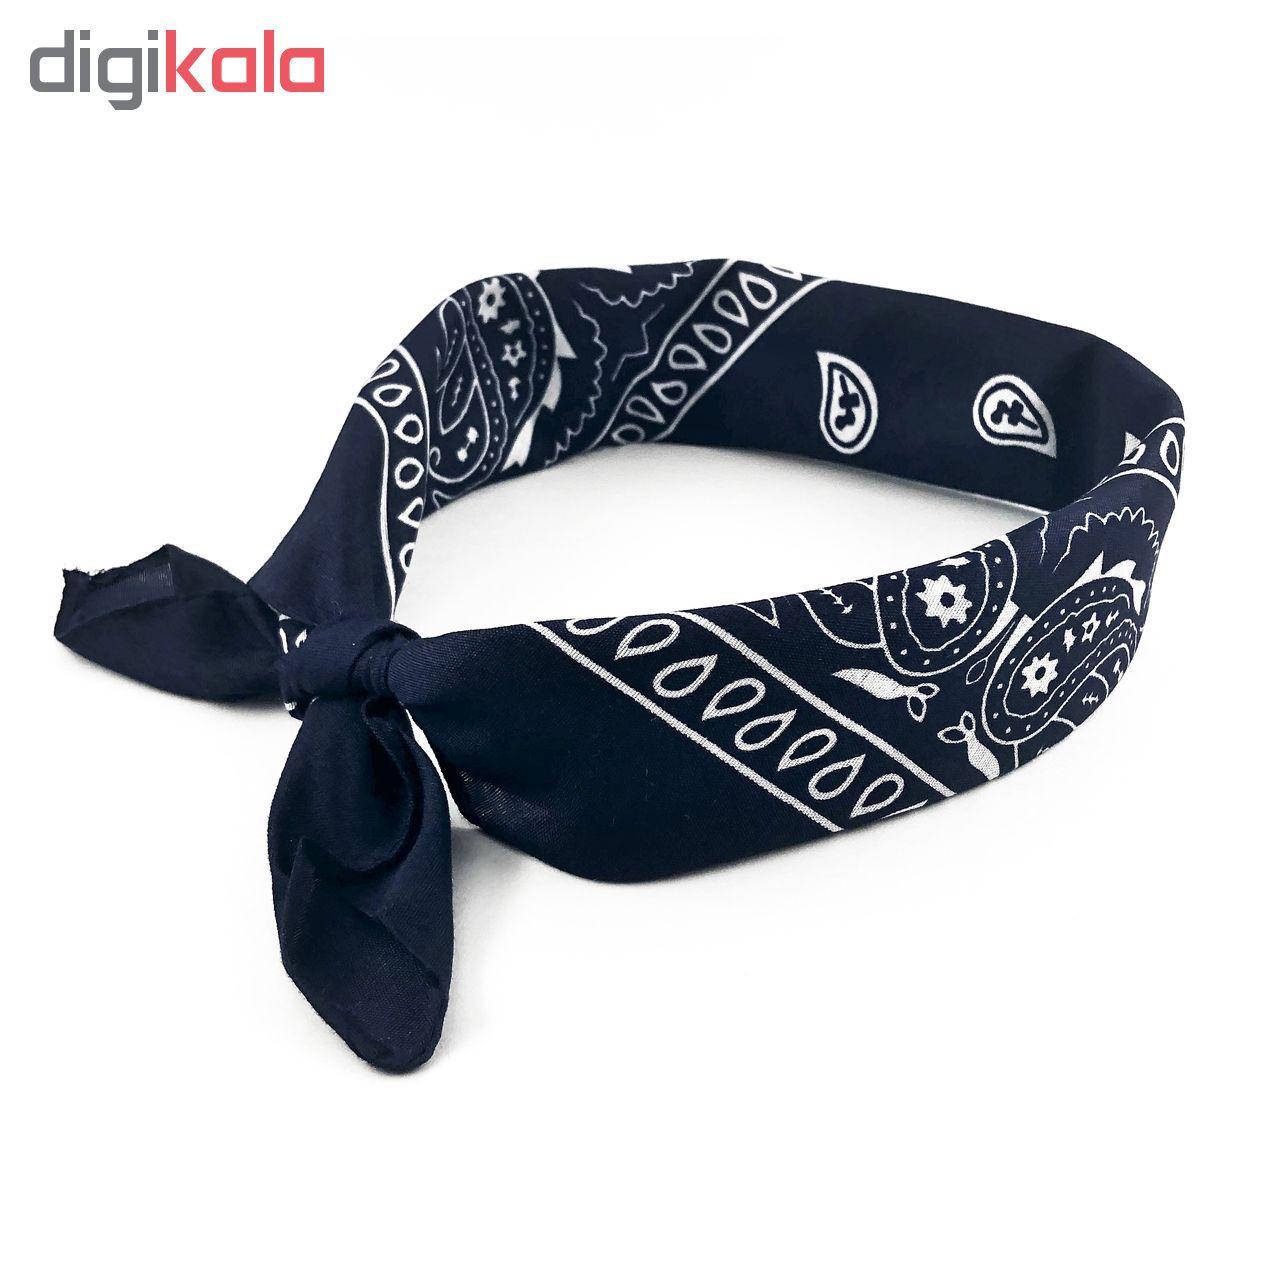 دستمال سر و گردن مدل khavar012 main 1 5